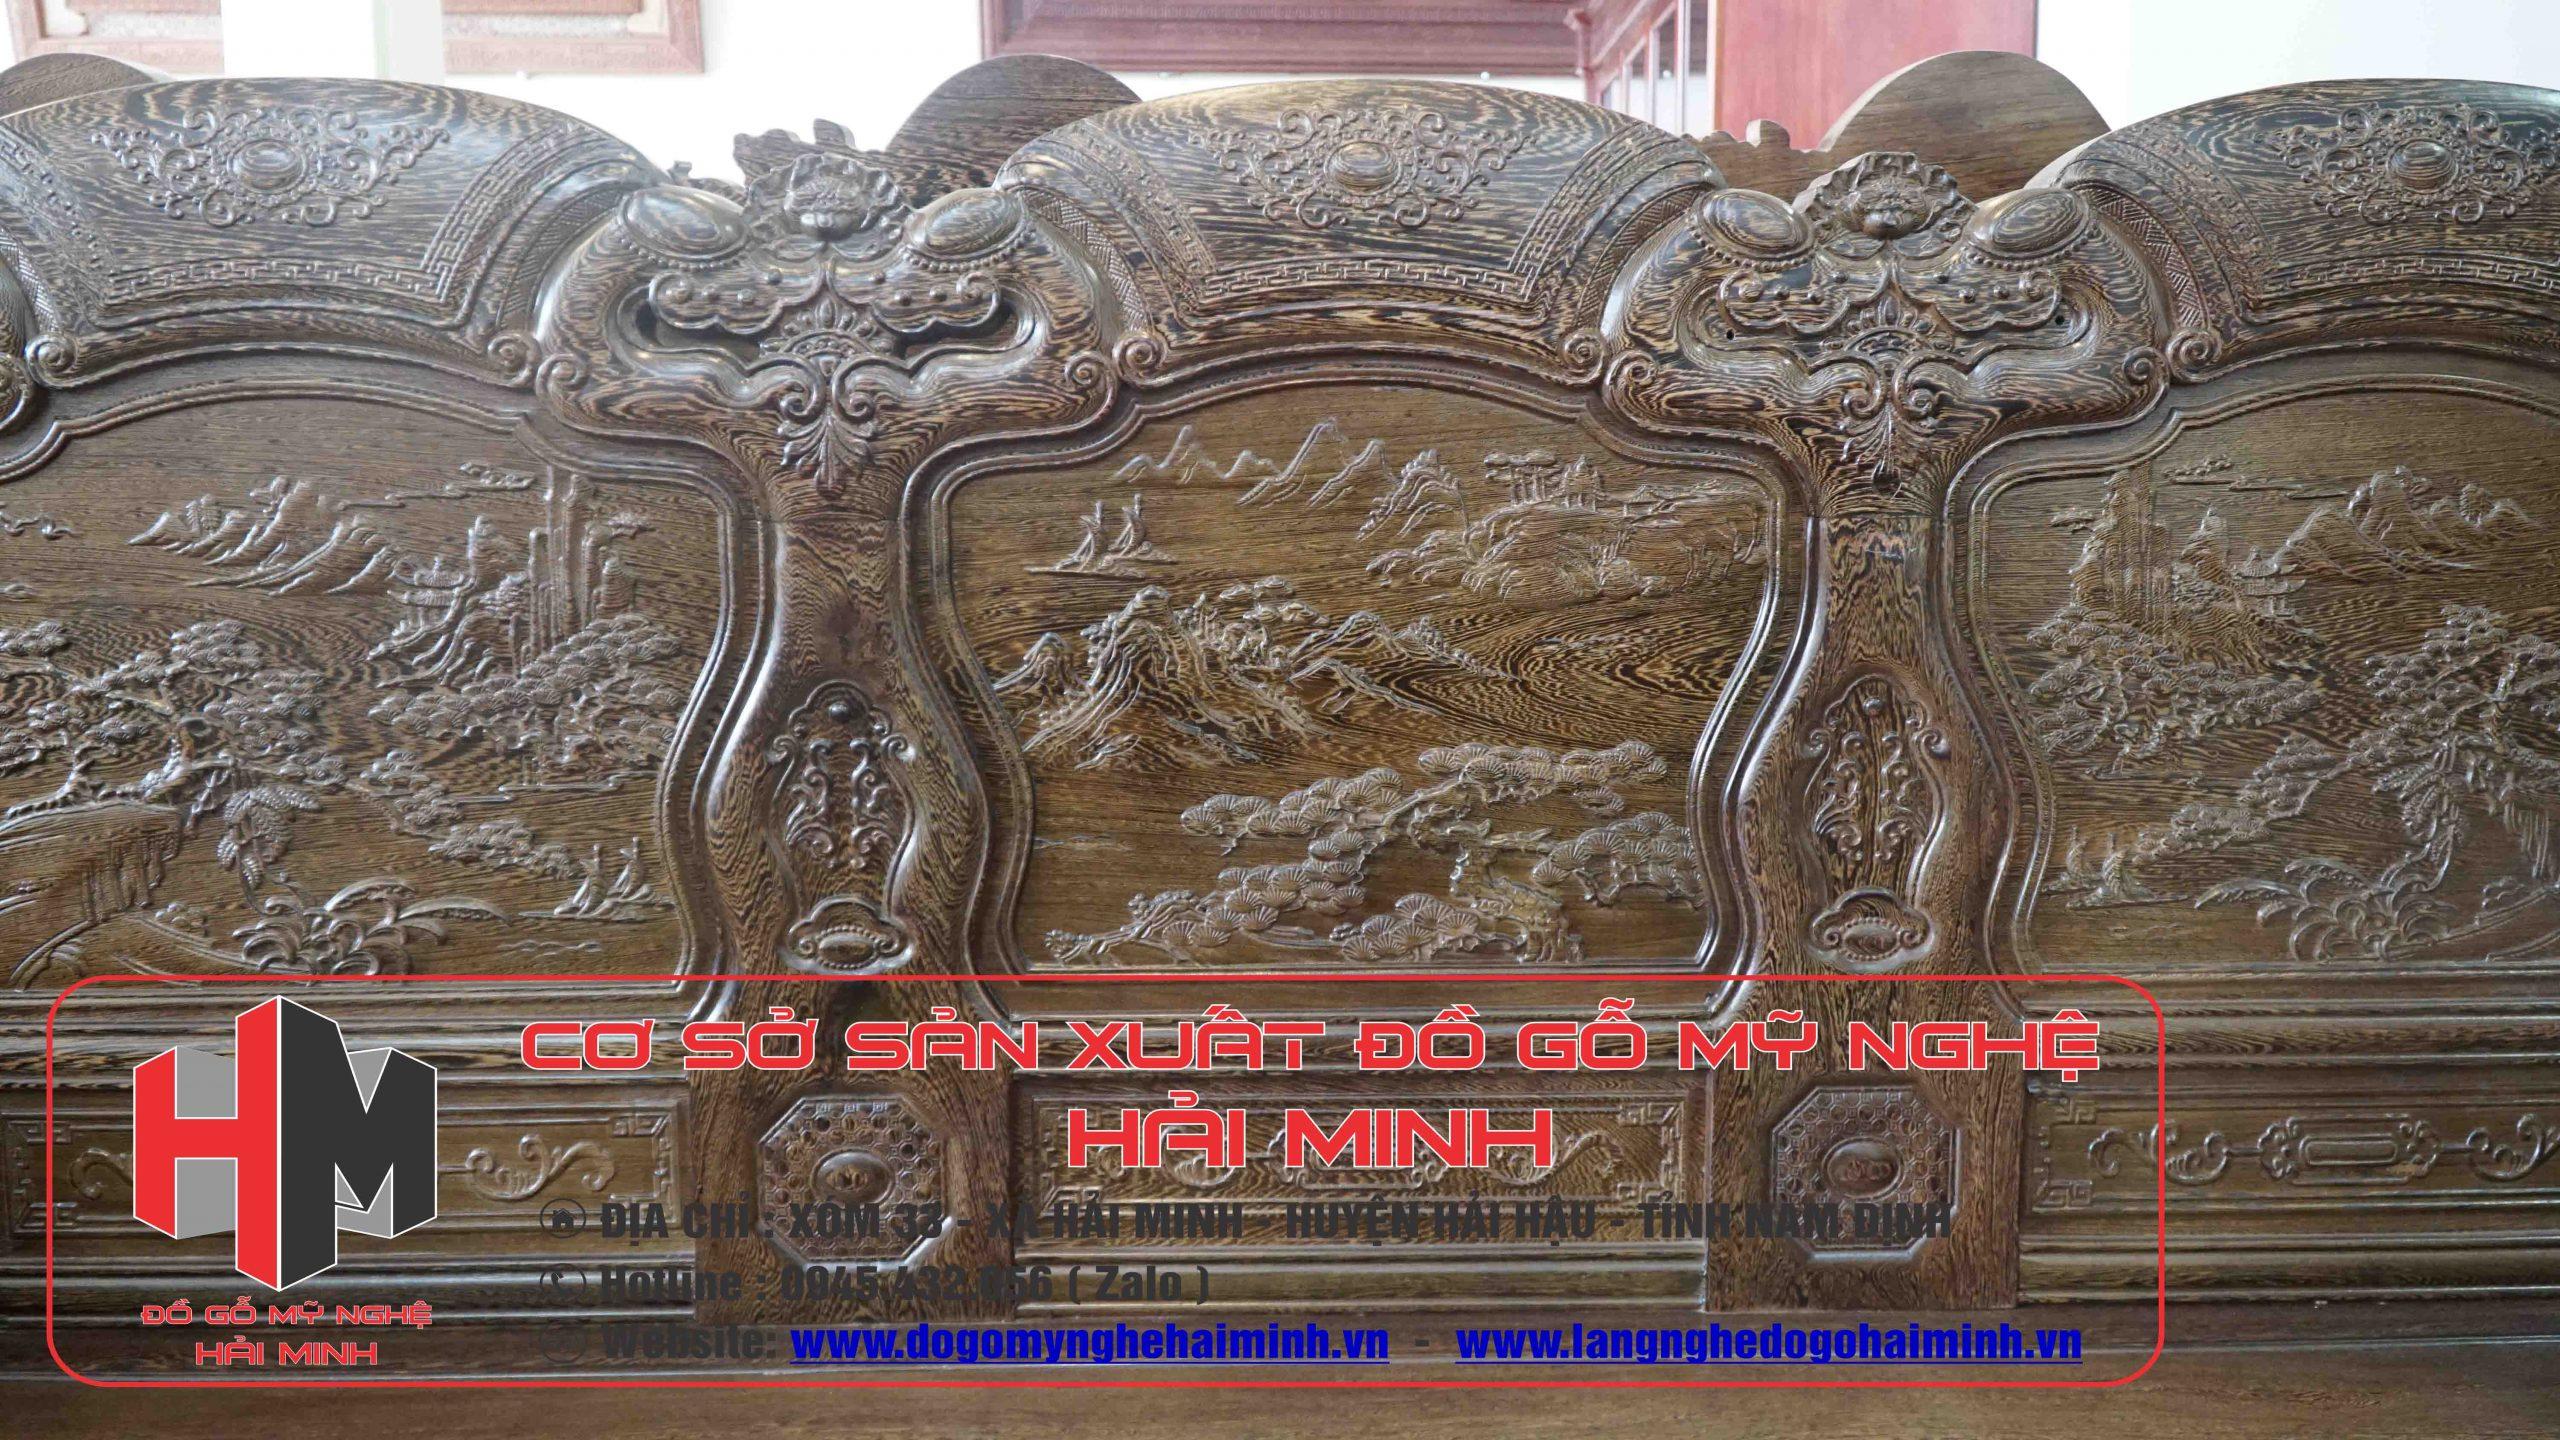 Ghế Khổng Tử